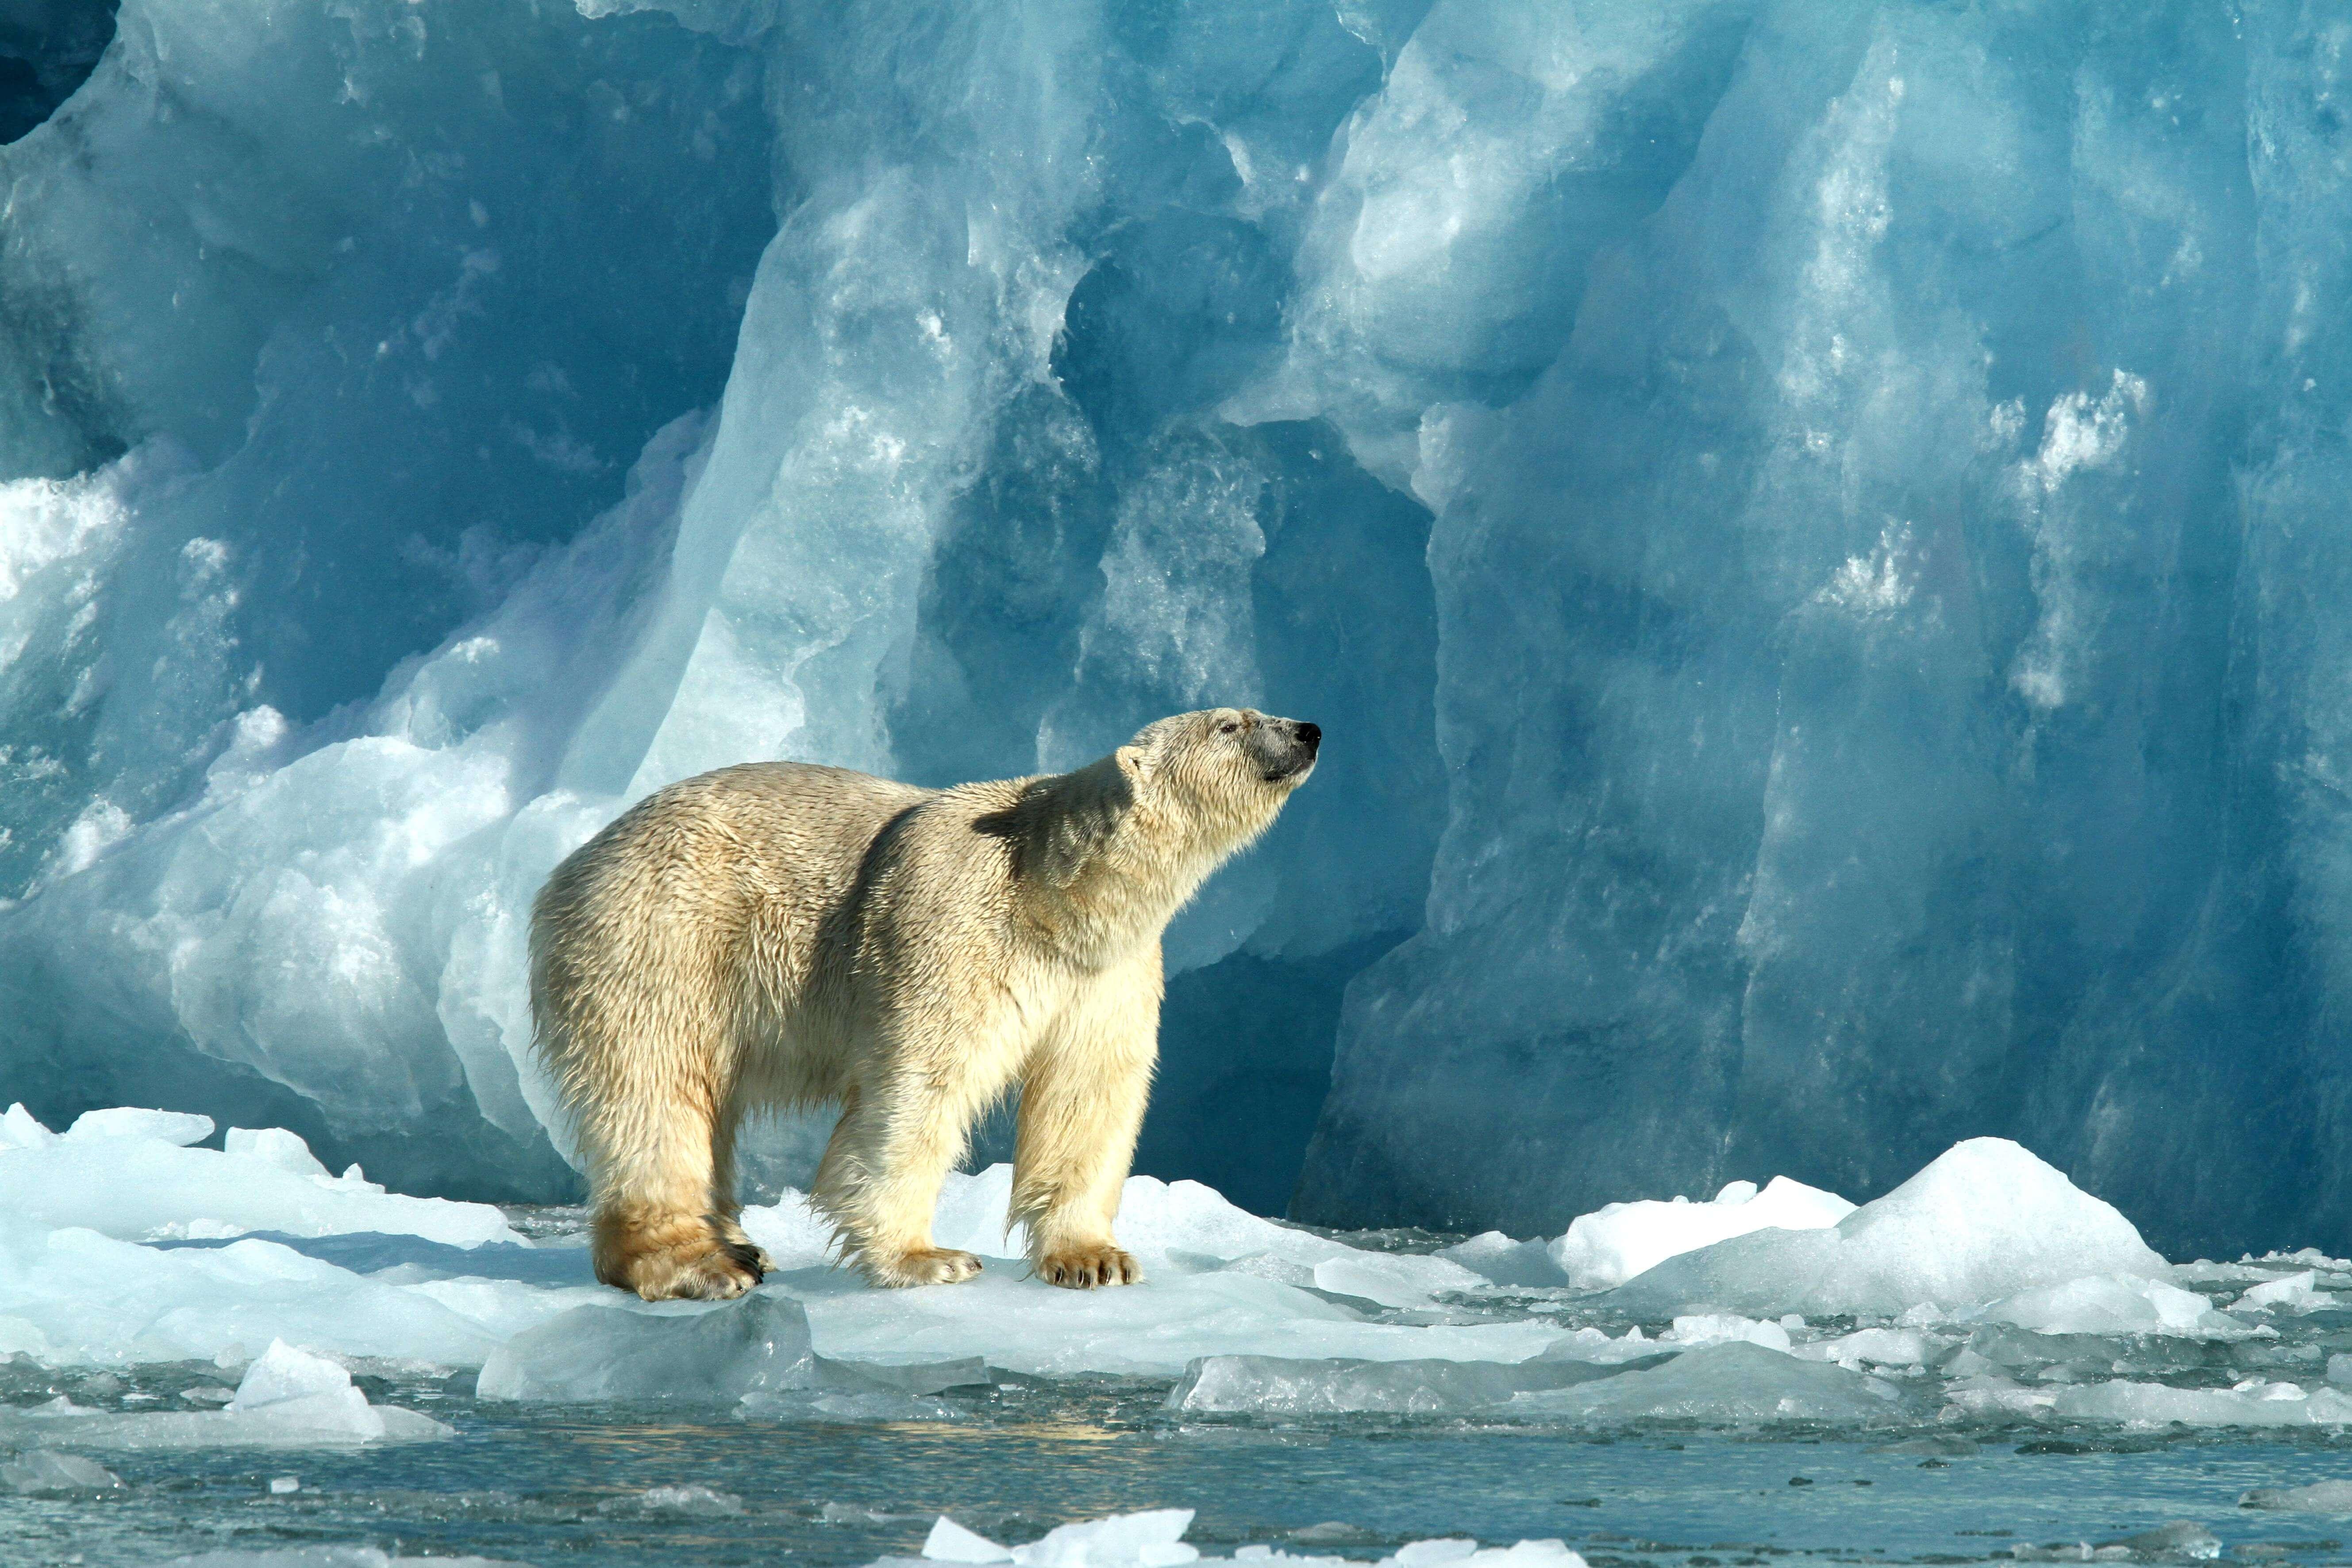 К концу века в Арктике потеплеет на 20 градусов